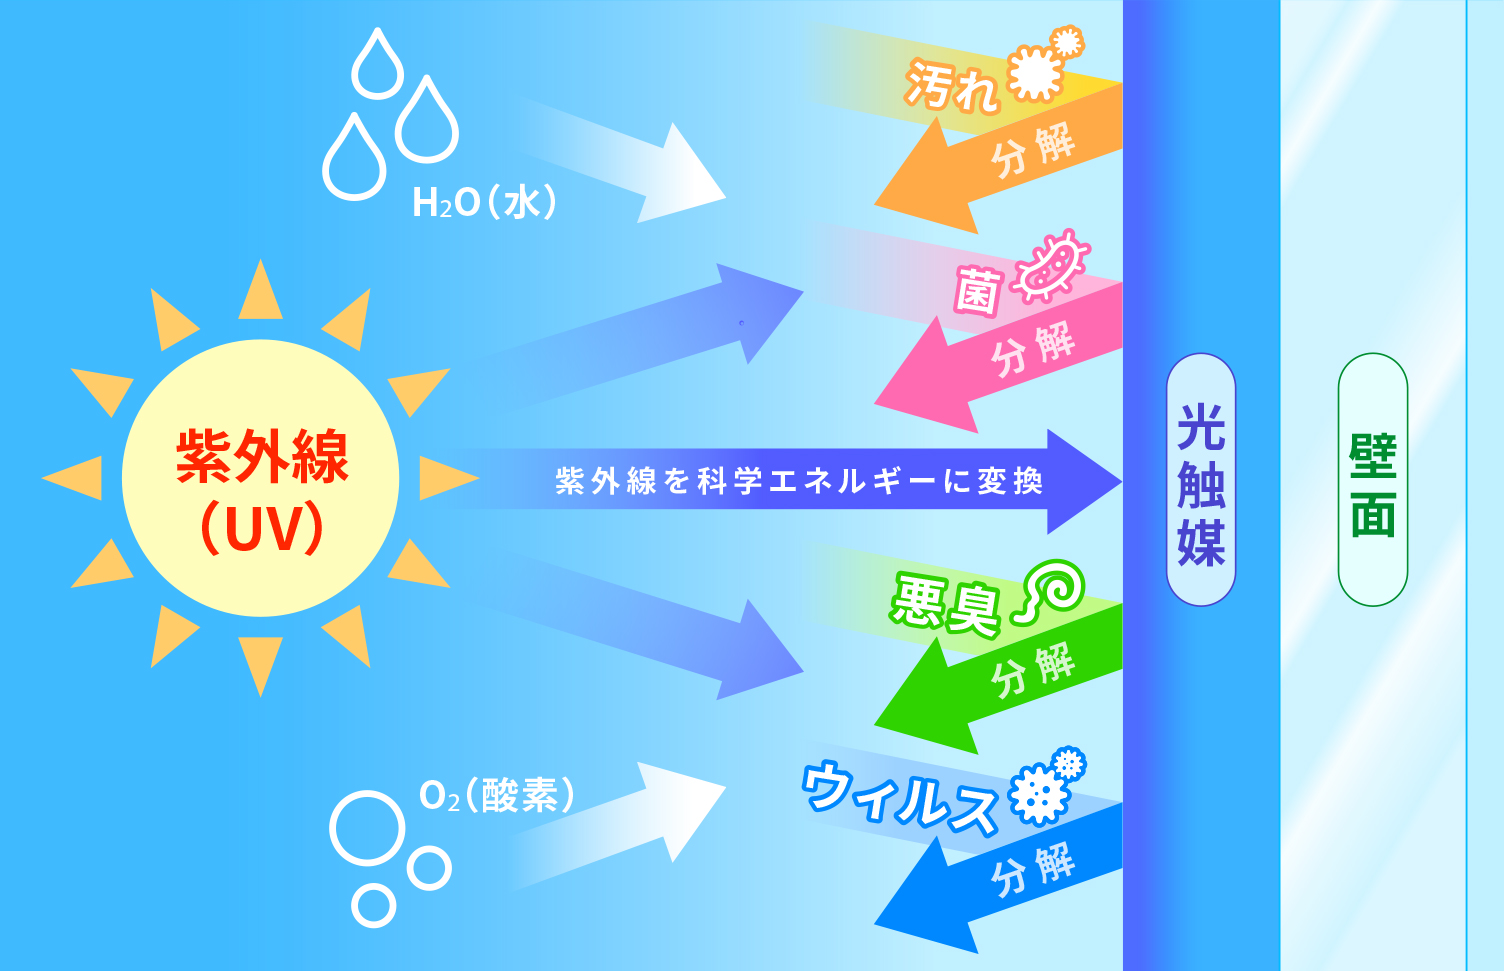 光触媒による抗菌・防カビ、防臭・大気浄化のしくみ